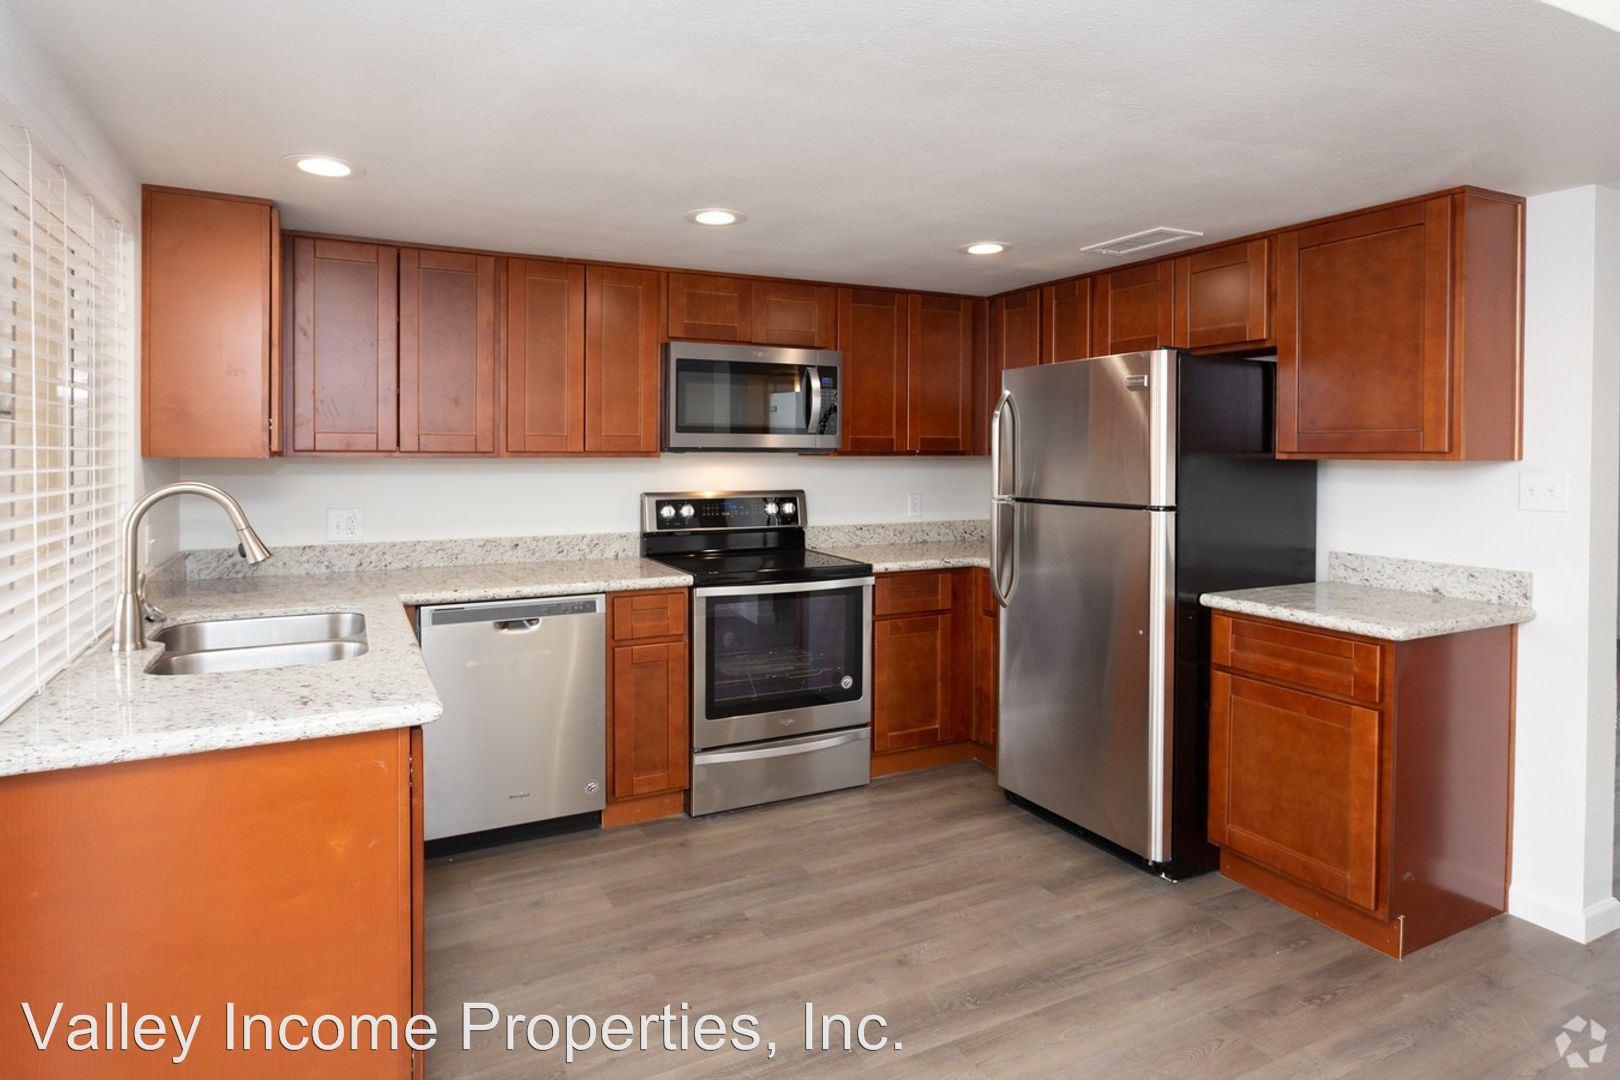 2101 W Colter St, Phoenix, AZ - $1,250